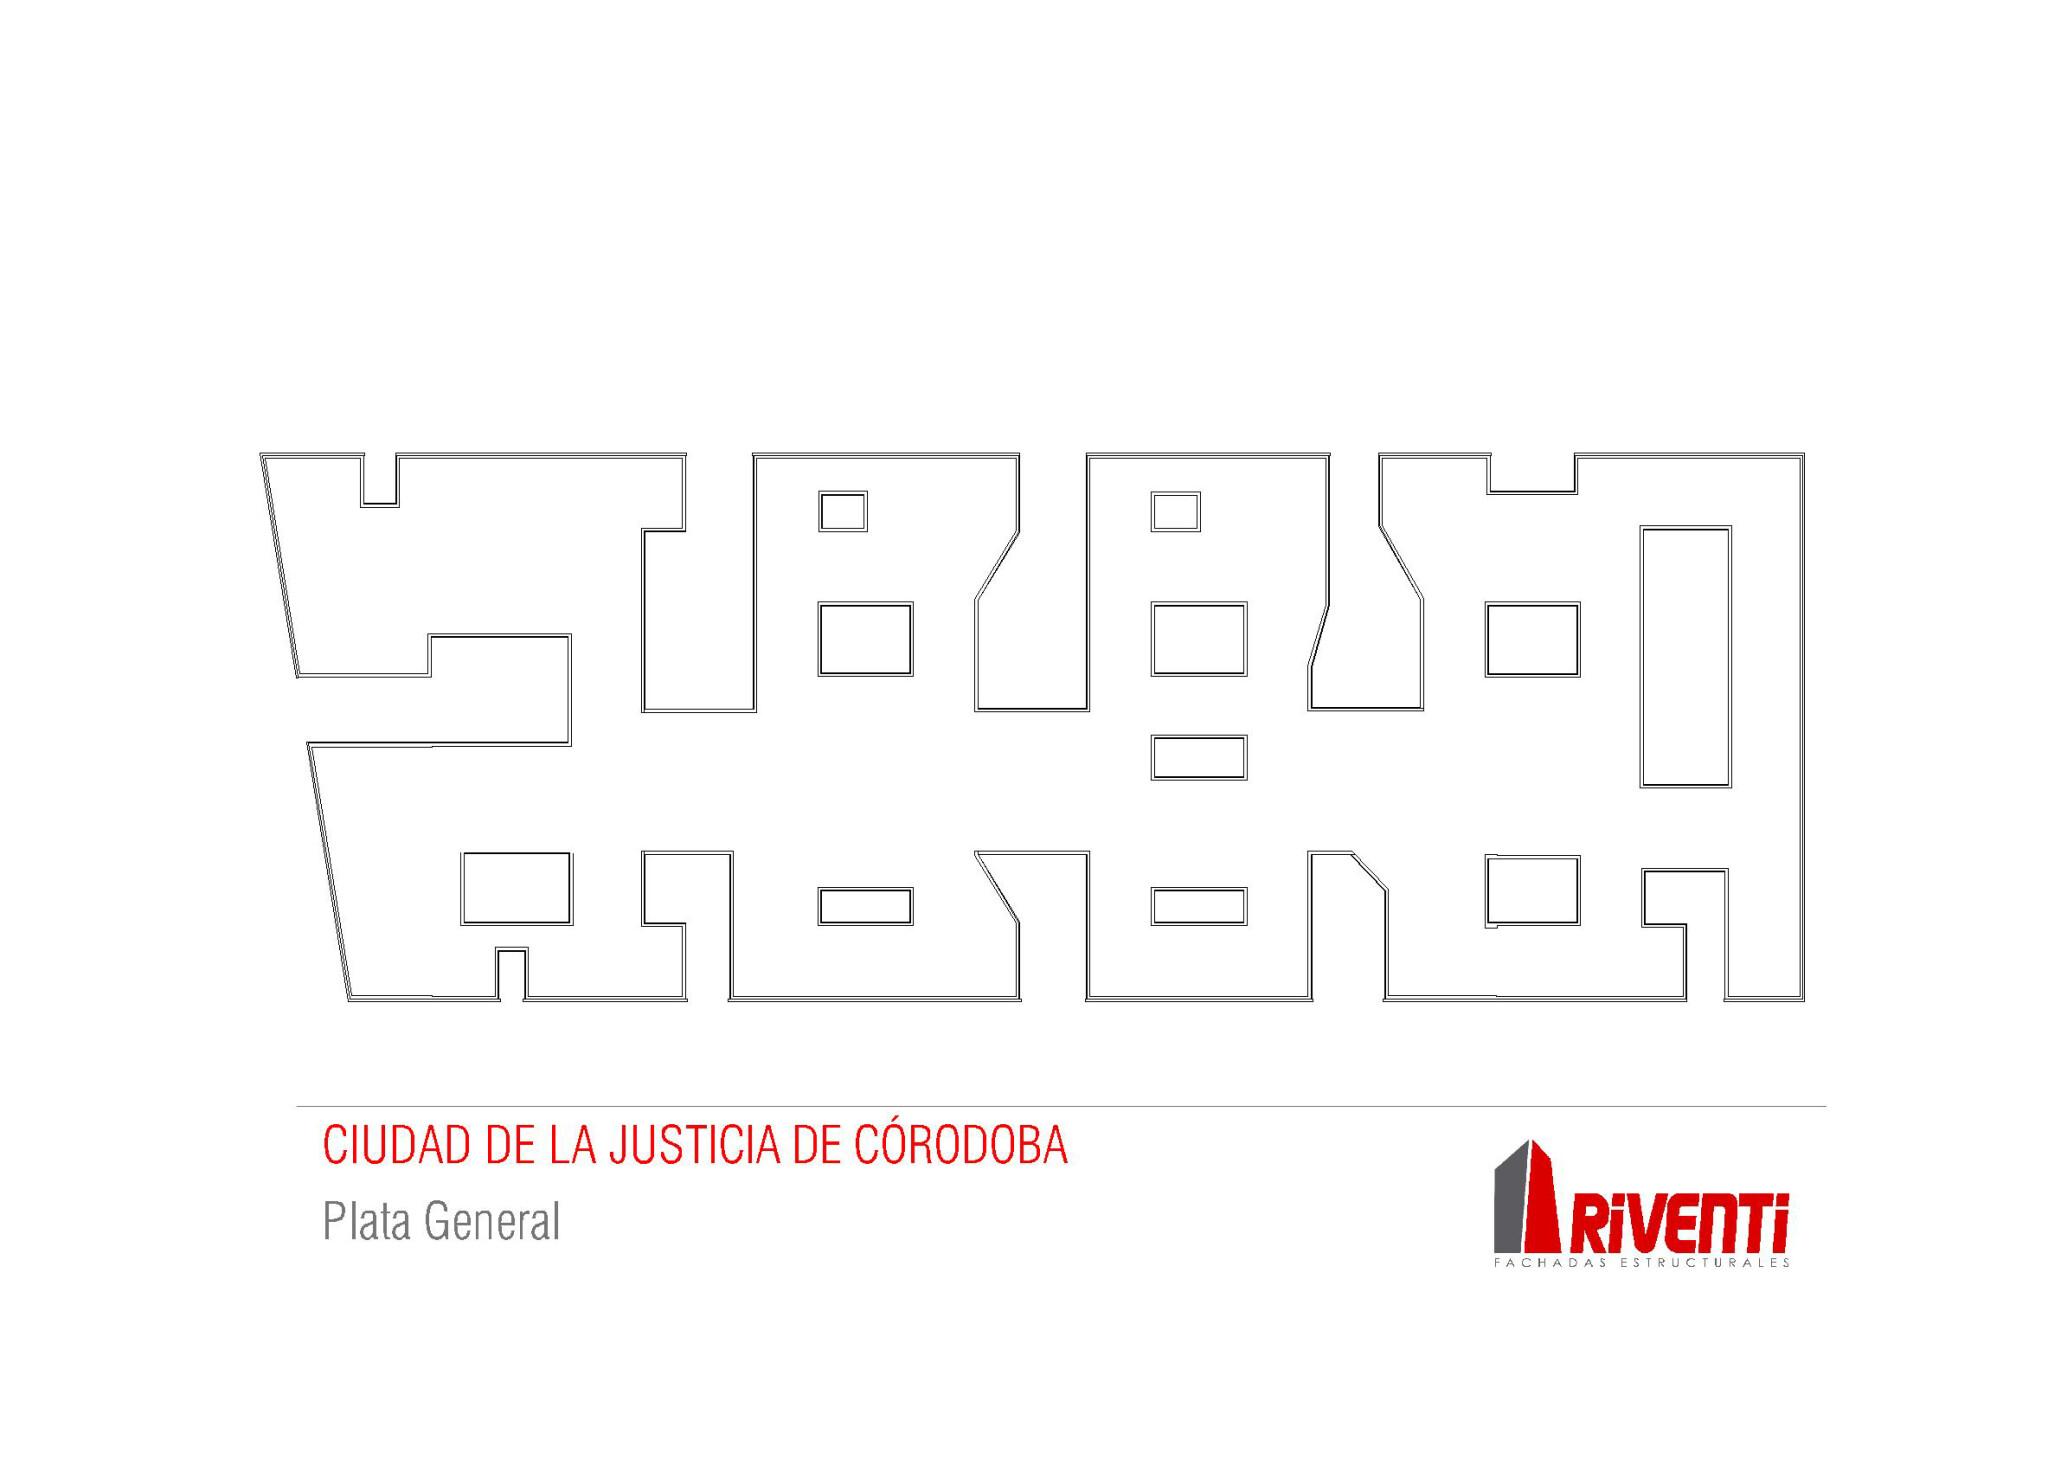 celosia-ciudad-justicia-cordoba-riventi-modular-detalle-constructivo (2)